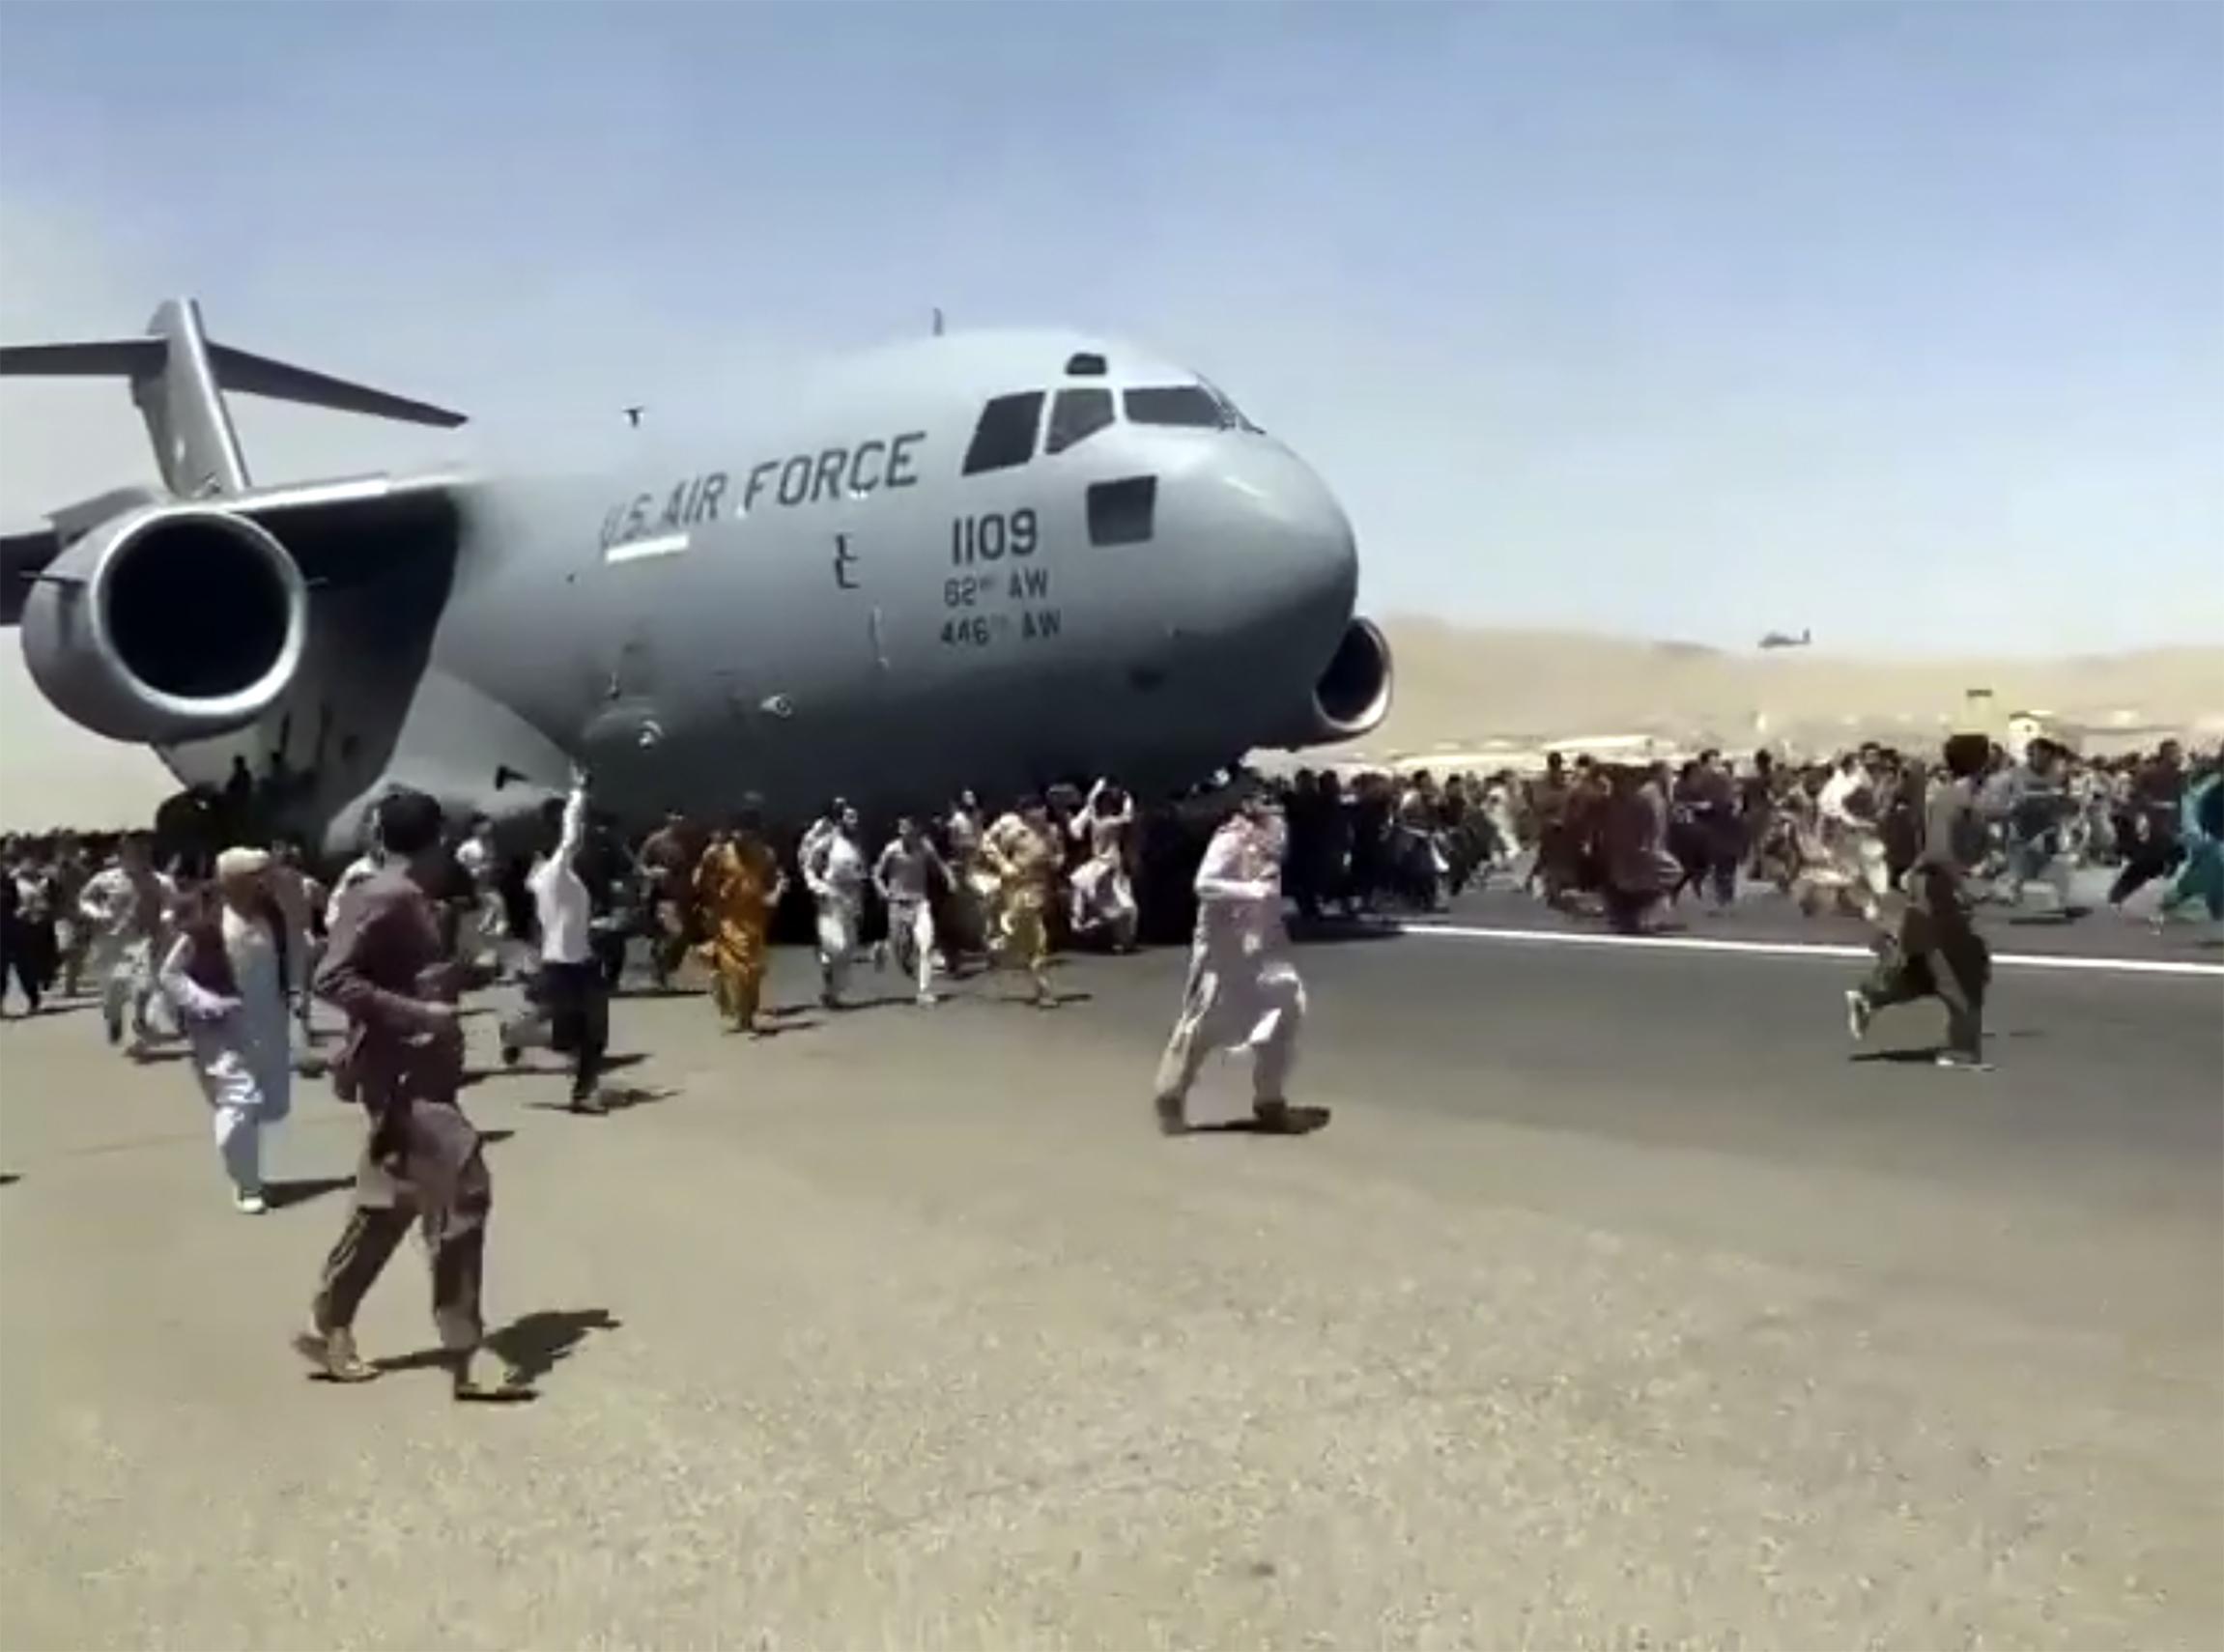 Afghans run alongside a U.S. Air Force plane as it leaves Kabul, Afghanistan